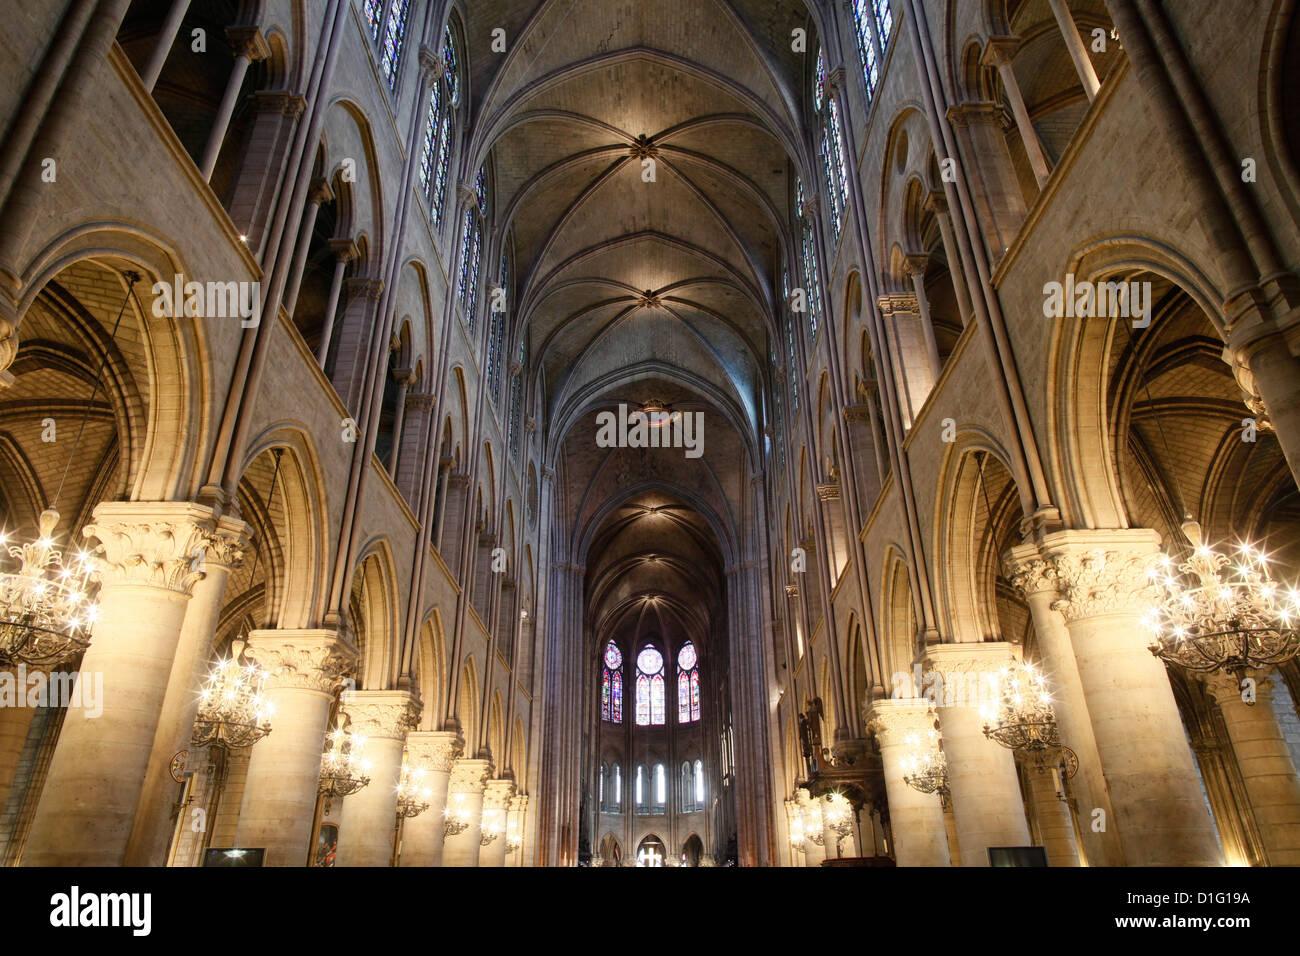 Nave, Notre-Dame de Paris cathedral, Paris, France, Europe Stock Photo